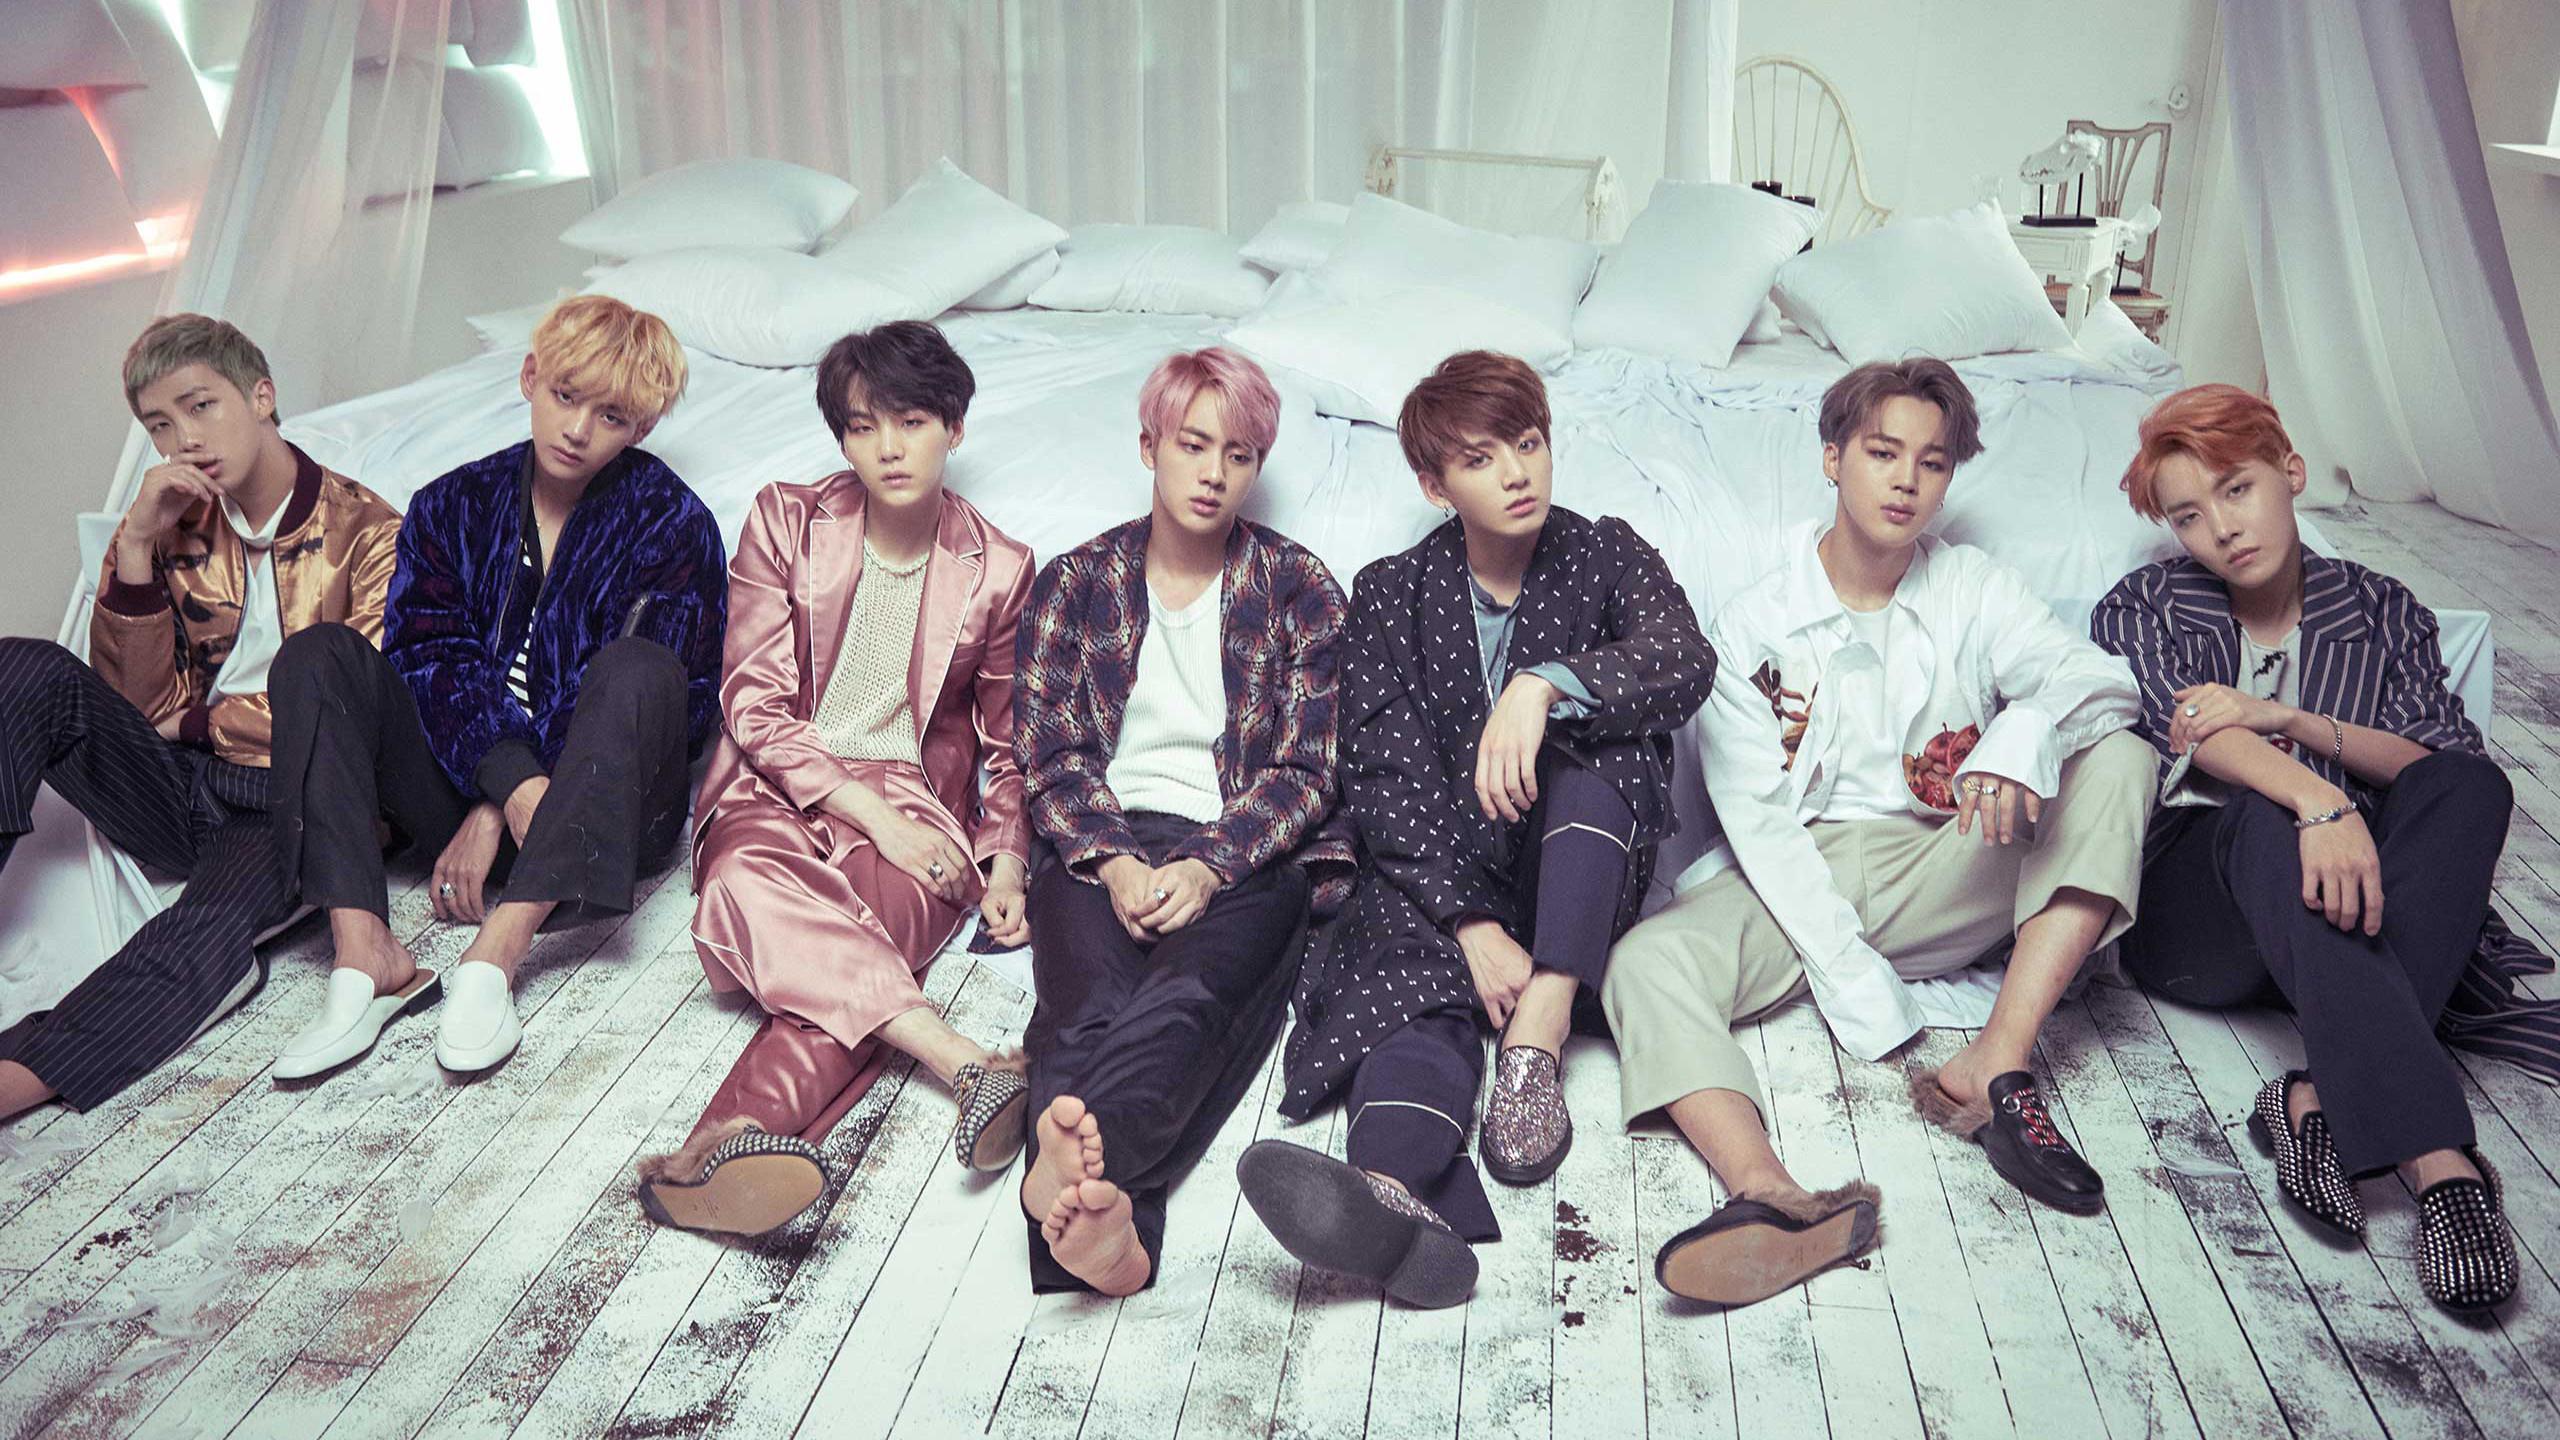 BTS Wallpaper HD 67 images